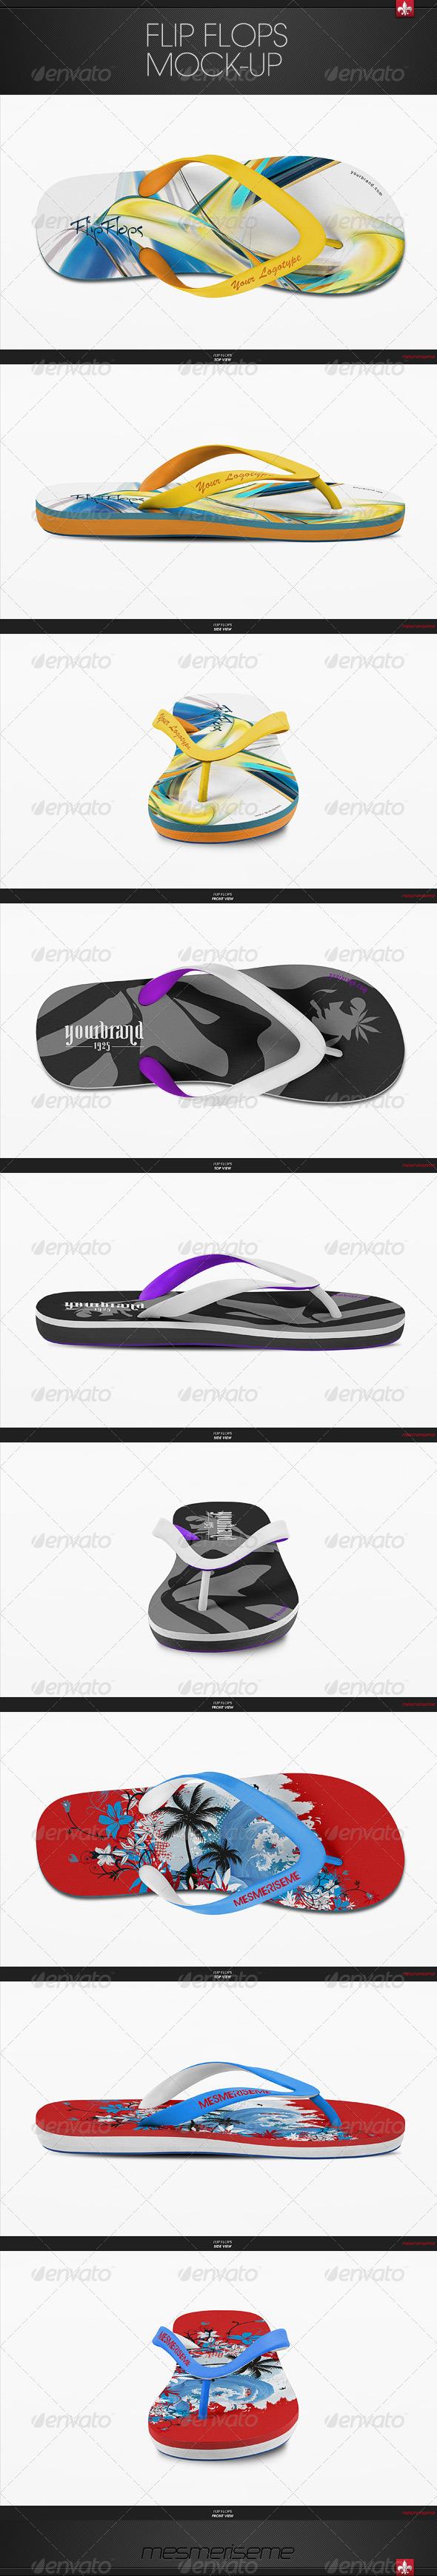 GraphicRiver Flip Flops Mock-Up 6208781